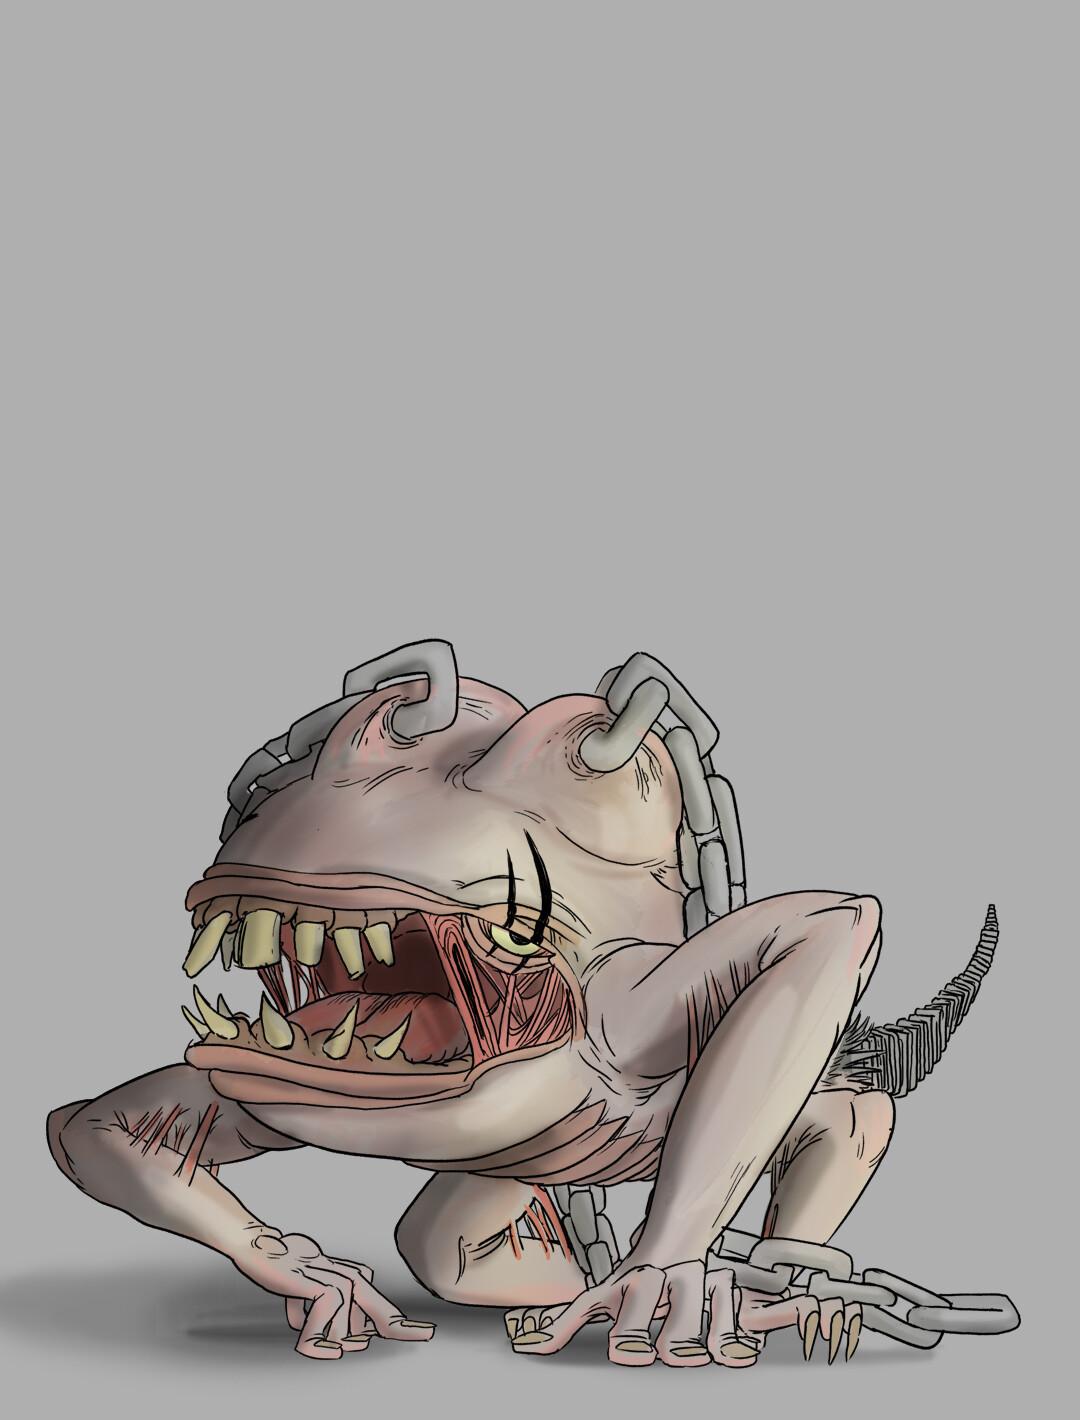 Antagonist drawing/render.